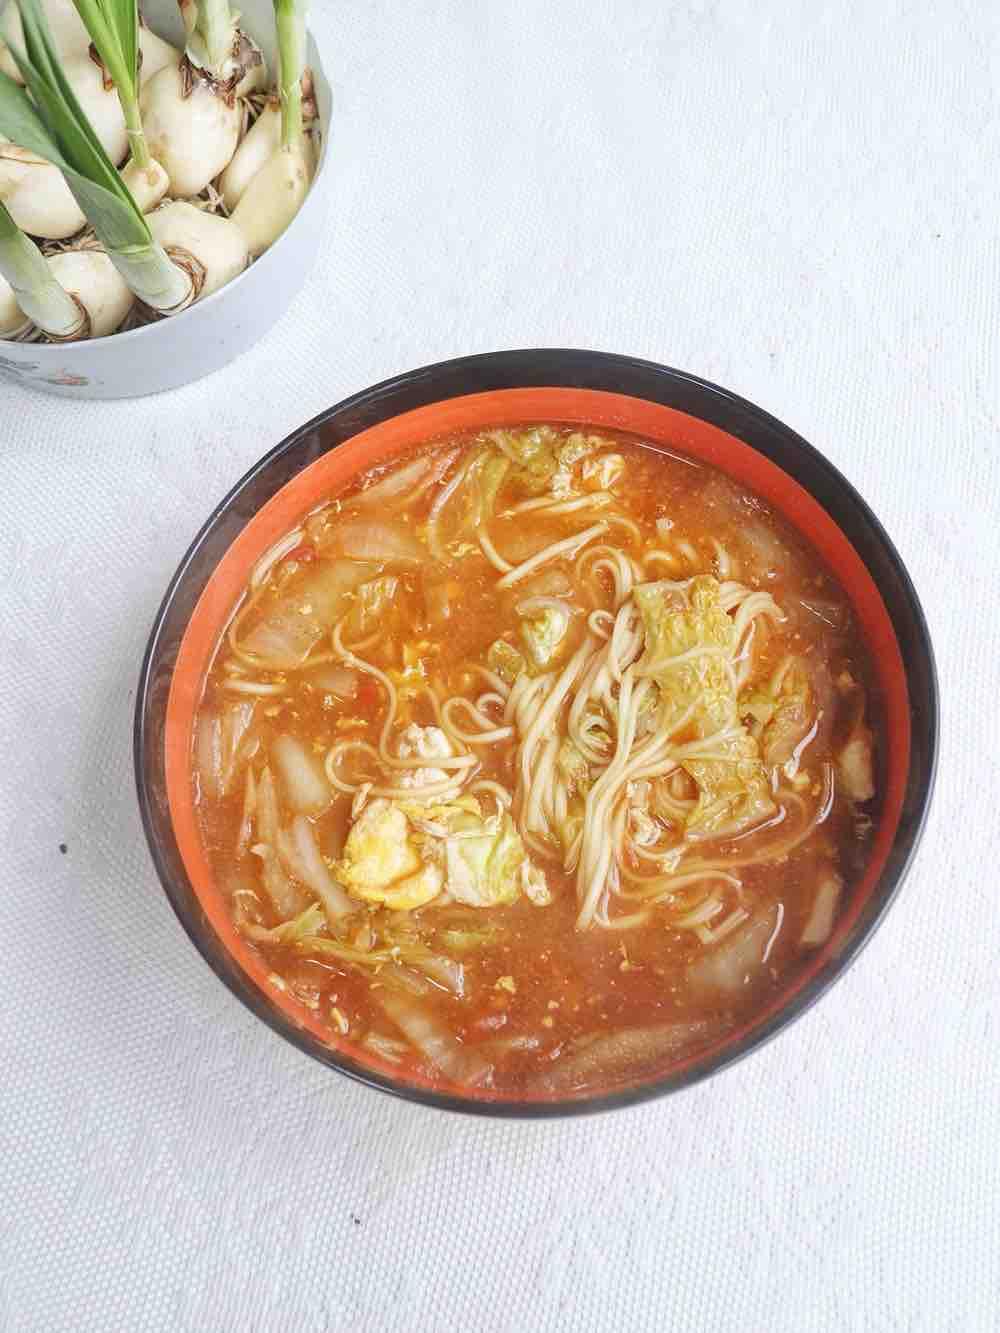 番茄白菜汤面